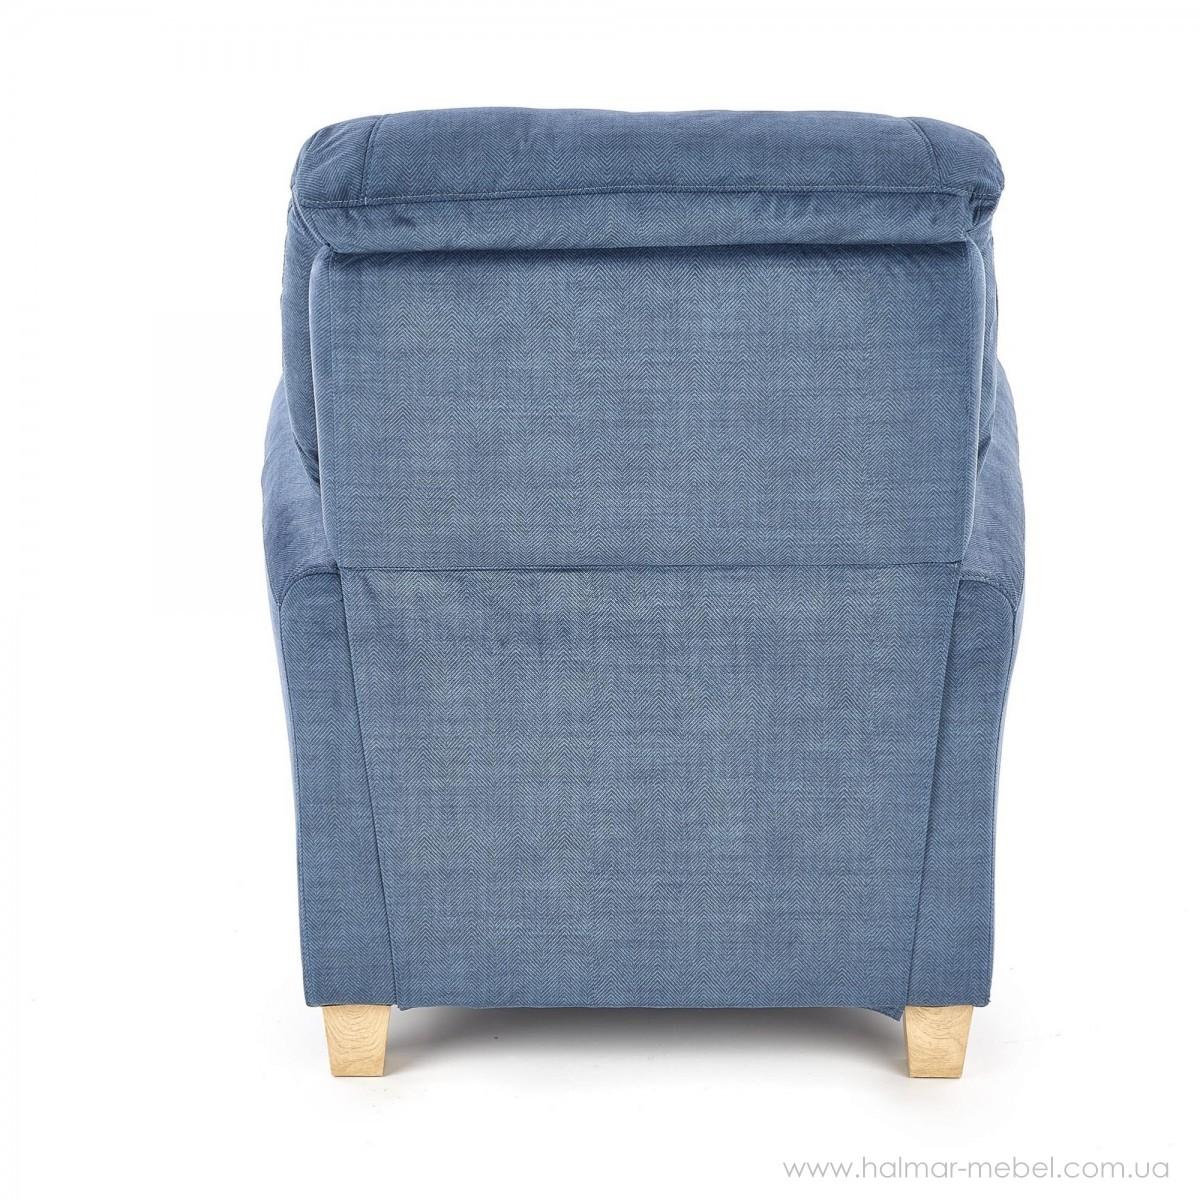 Раскладное кресло BARD HALMAR цвет синий